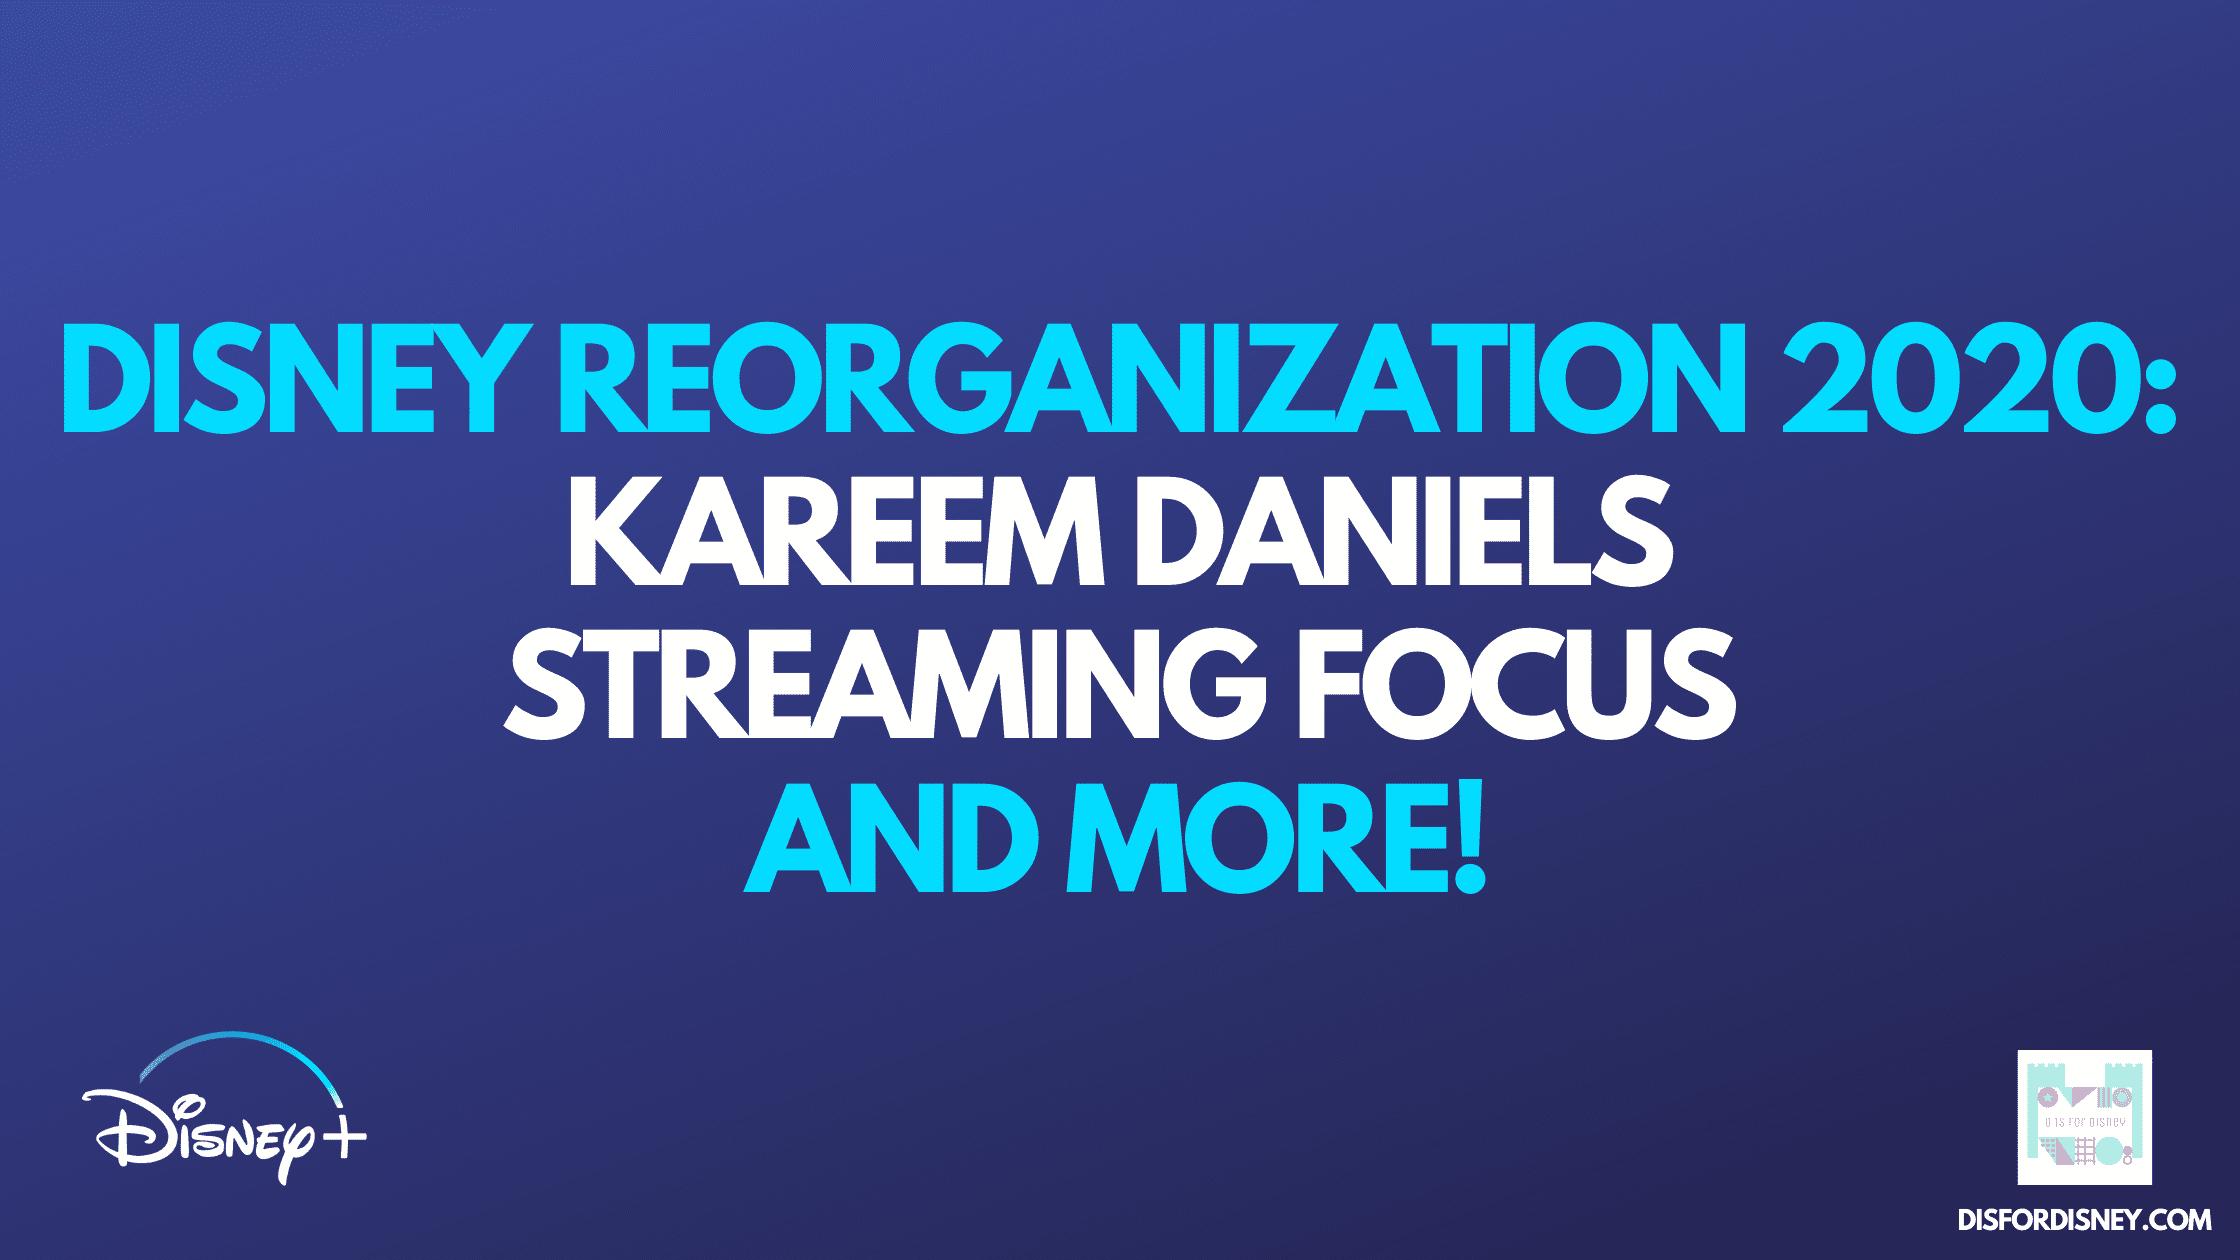 DISNEY-REORGANIZATION-2020_-KAREEM-DANIELS-STREAMING-FOCUS-AND-MORE